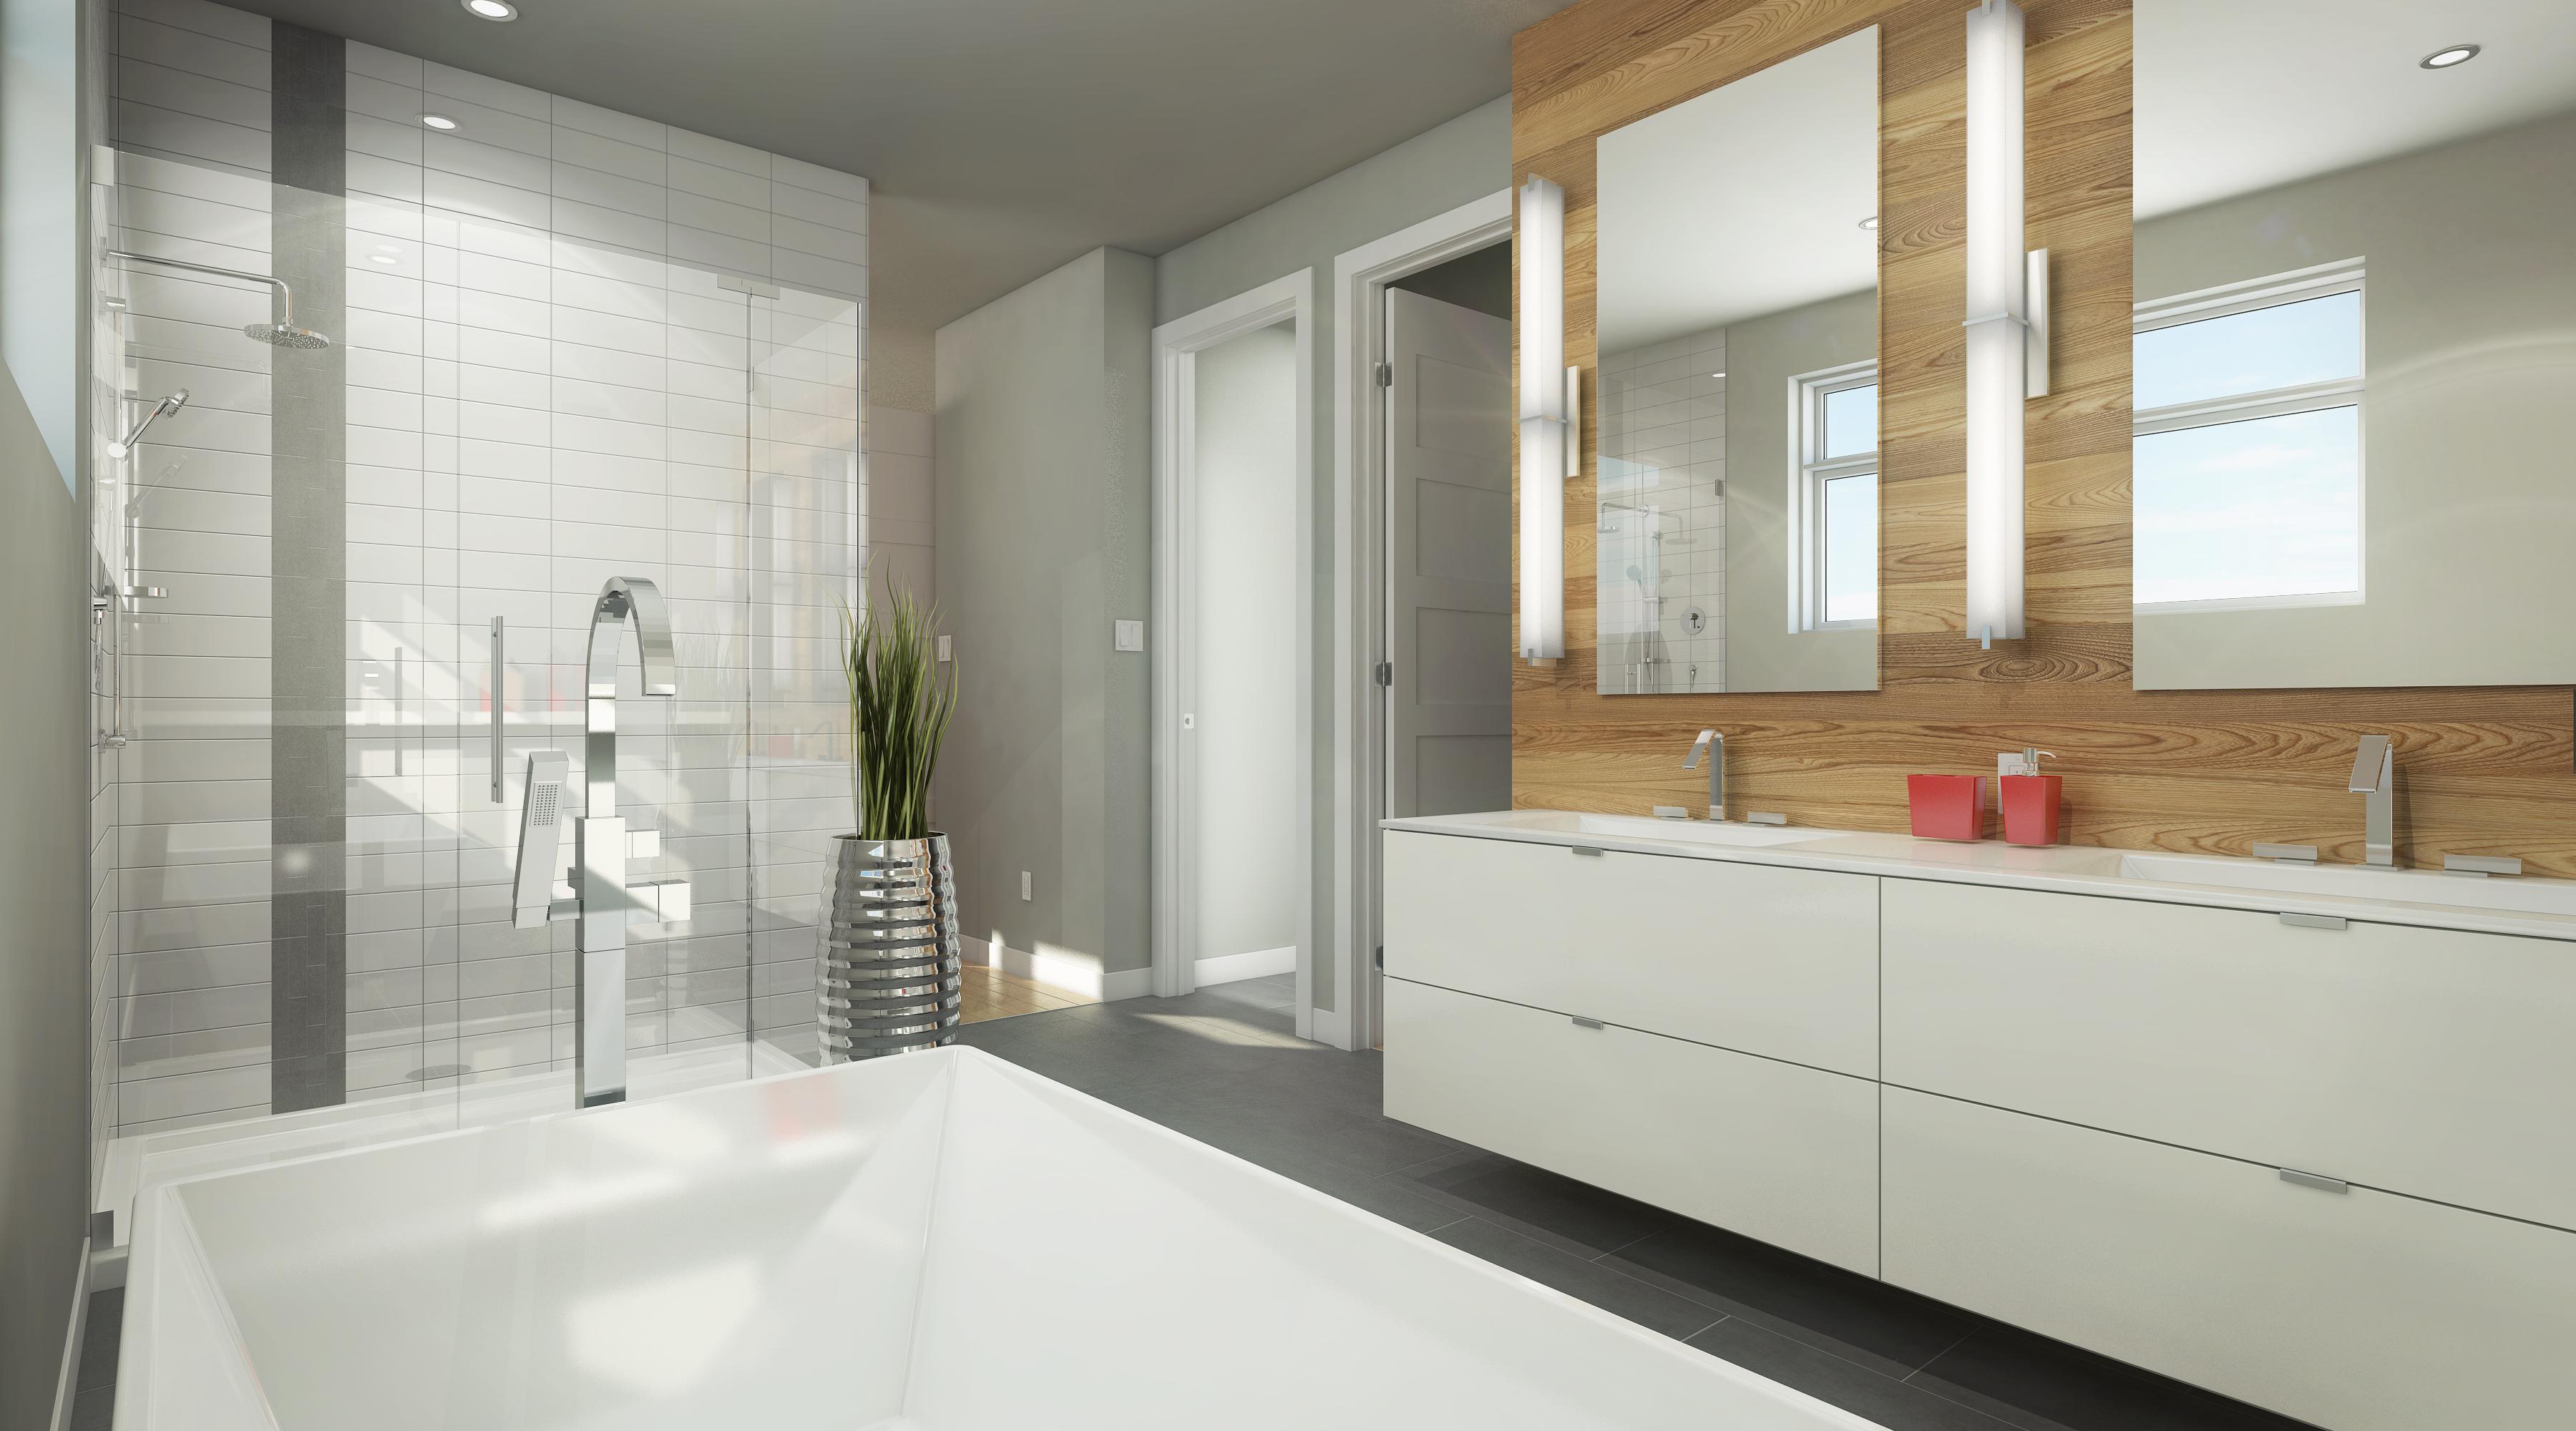 Salle de bain avec douche et bain indépendant de couleur neutre avec mur décoratif en bois